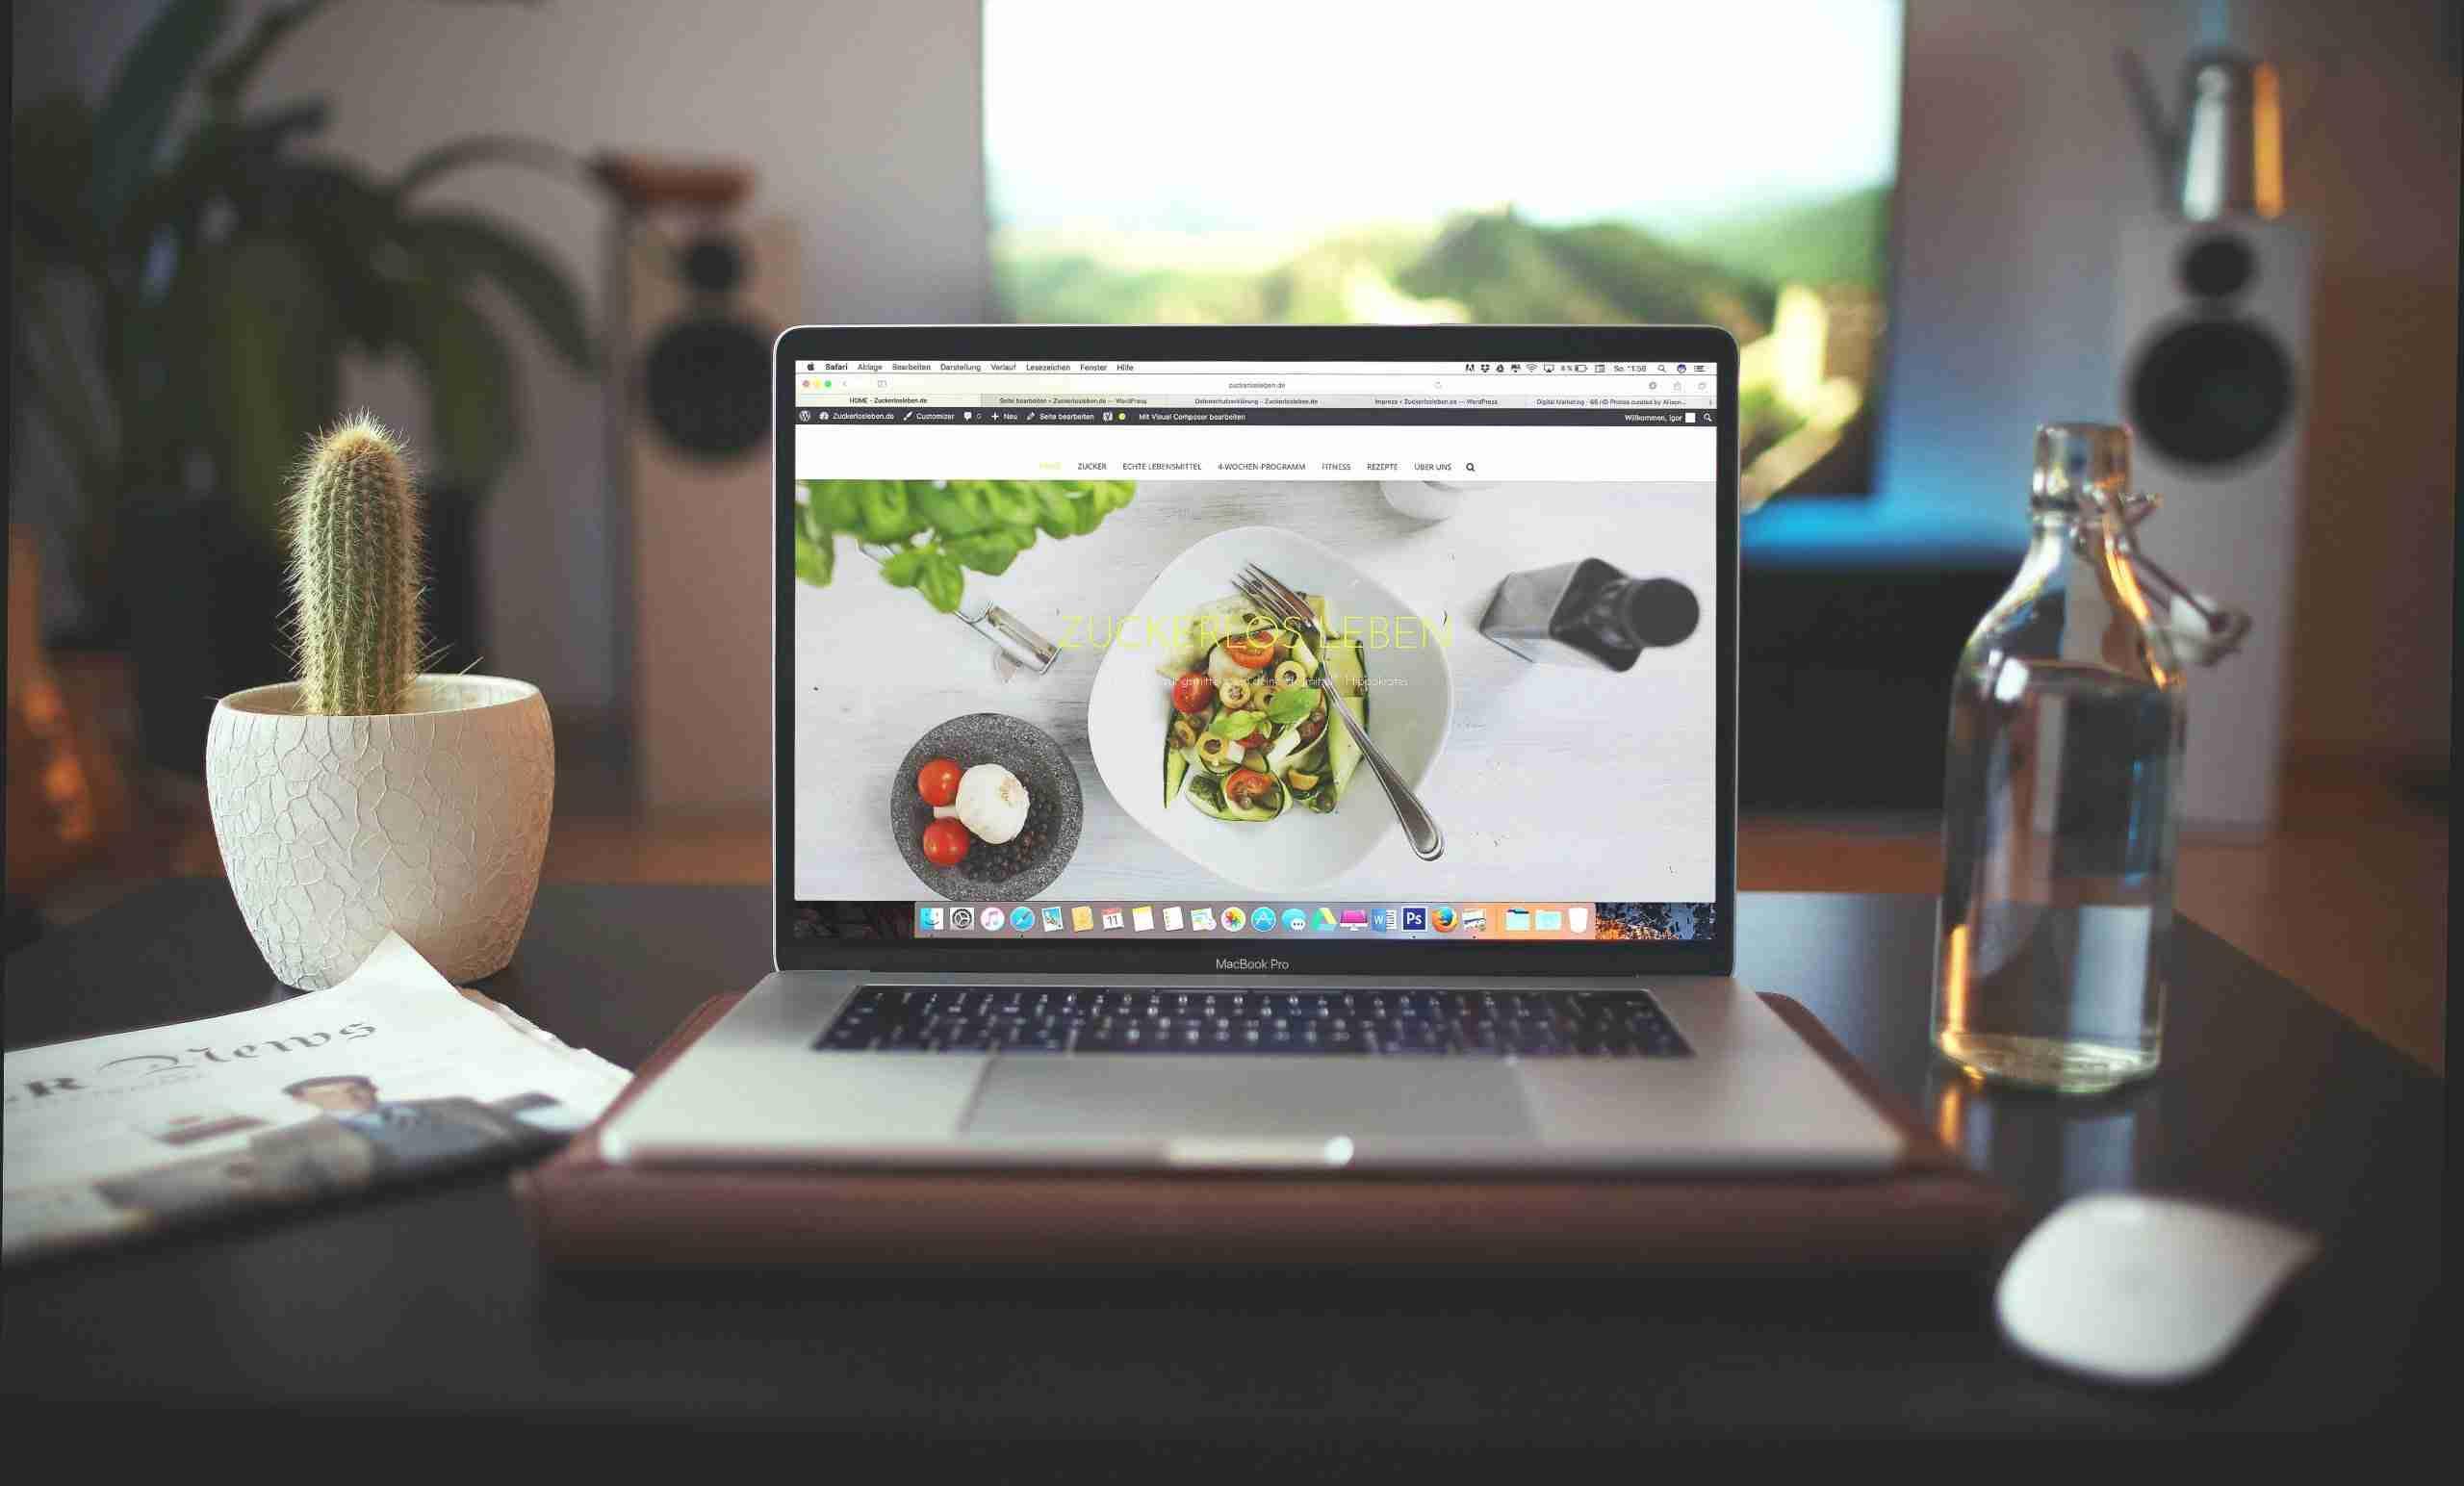 website on computer screen